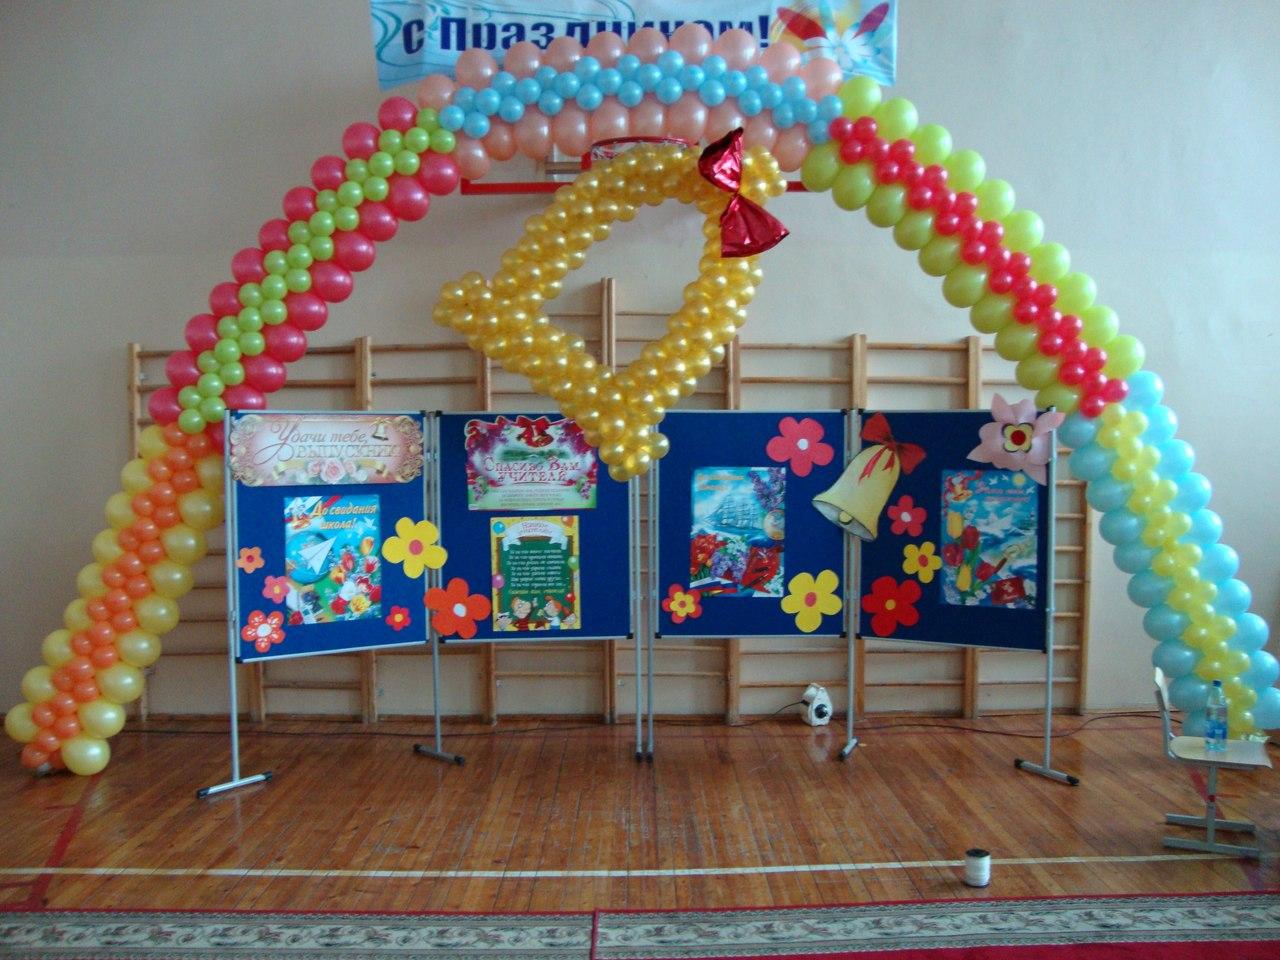 сценарий выпускного в детском саду 2015